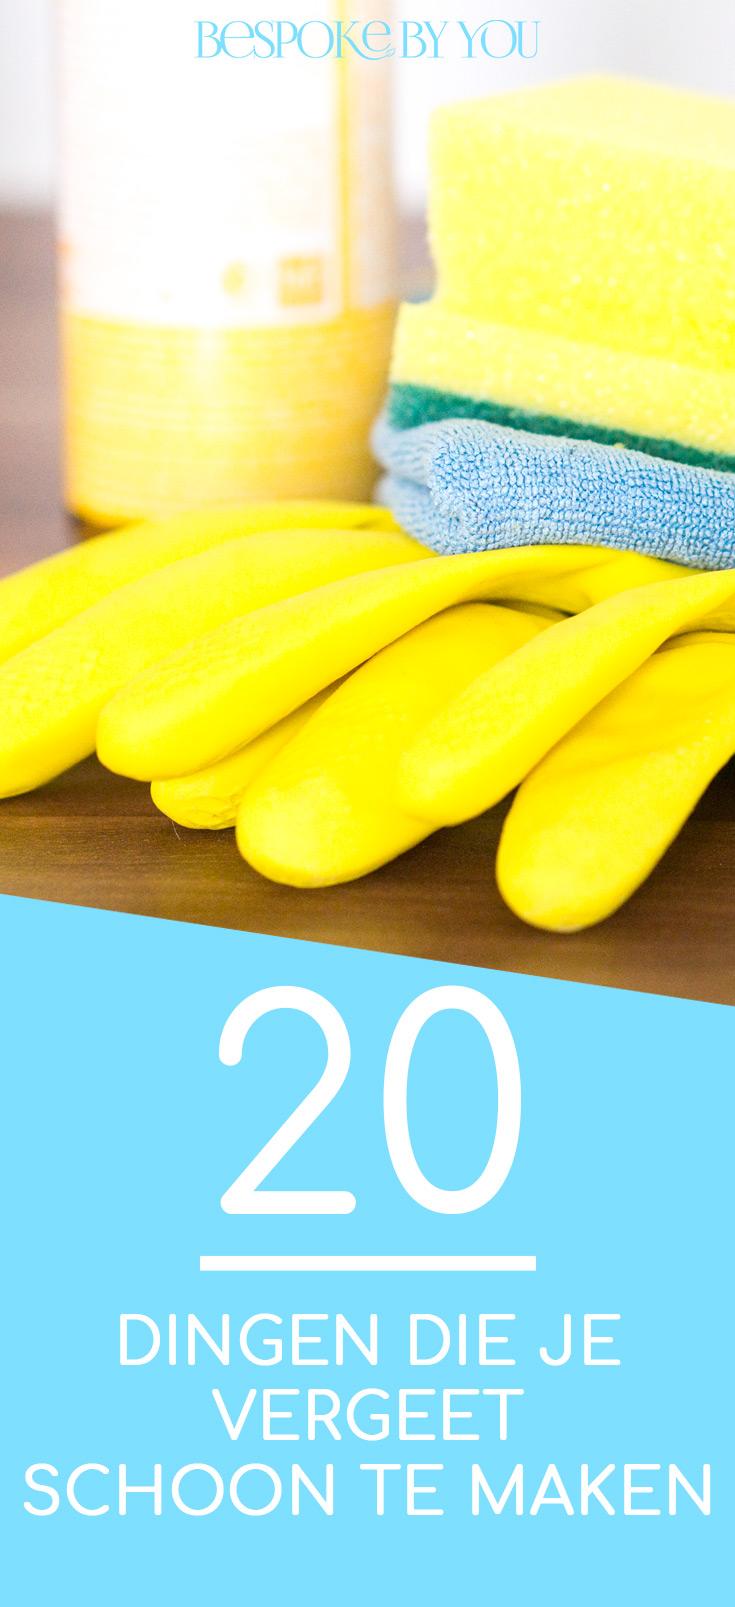 Met deze handige lijst zijn er nooit meer dingen die je vergeet schoon te maken in huis. Gebruik het veilige en effectieve natuurlijke schoonmaakpakket van Bespoke By You voor al je schoonmaakwerk.